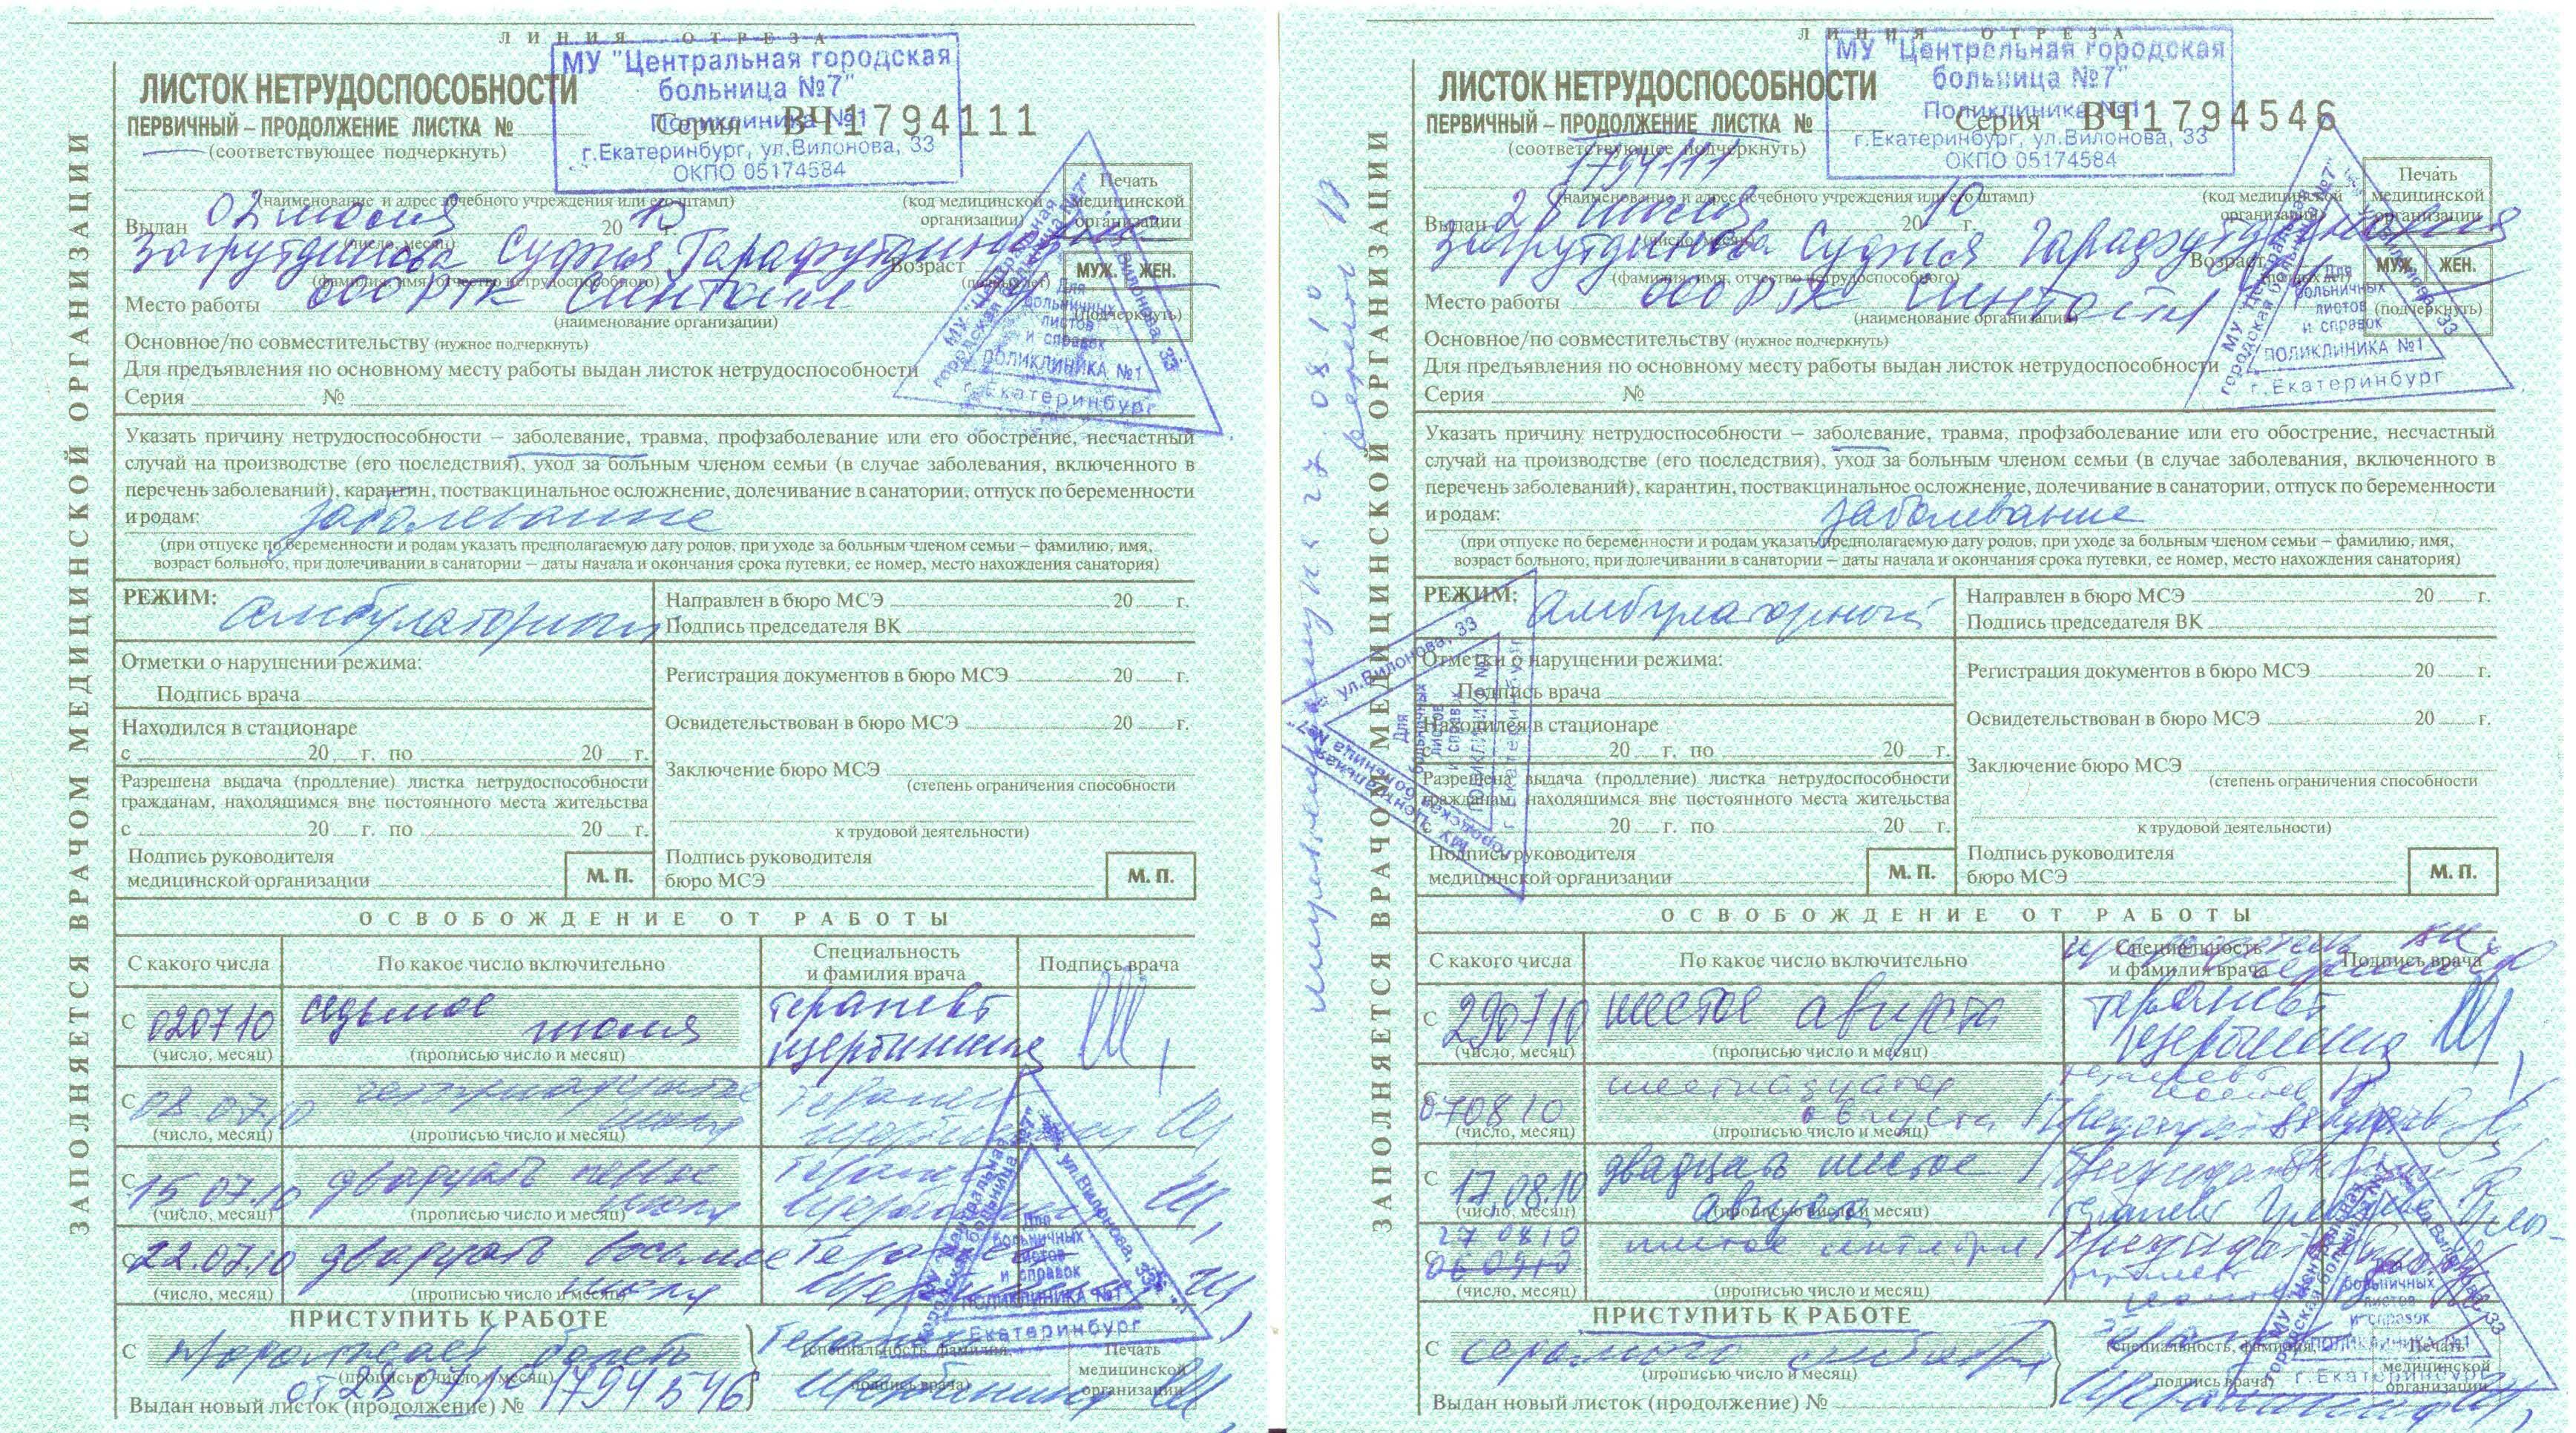 Справка о нетрудоспособности гражданина РФ